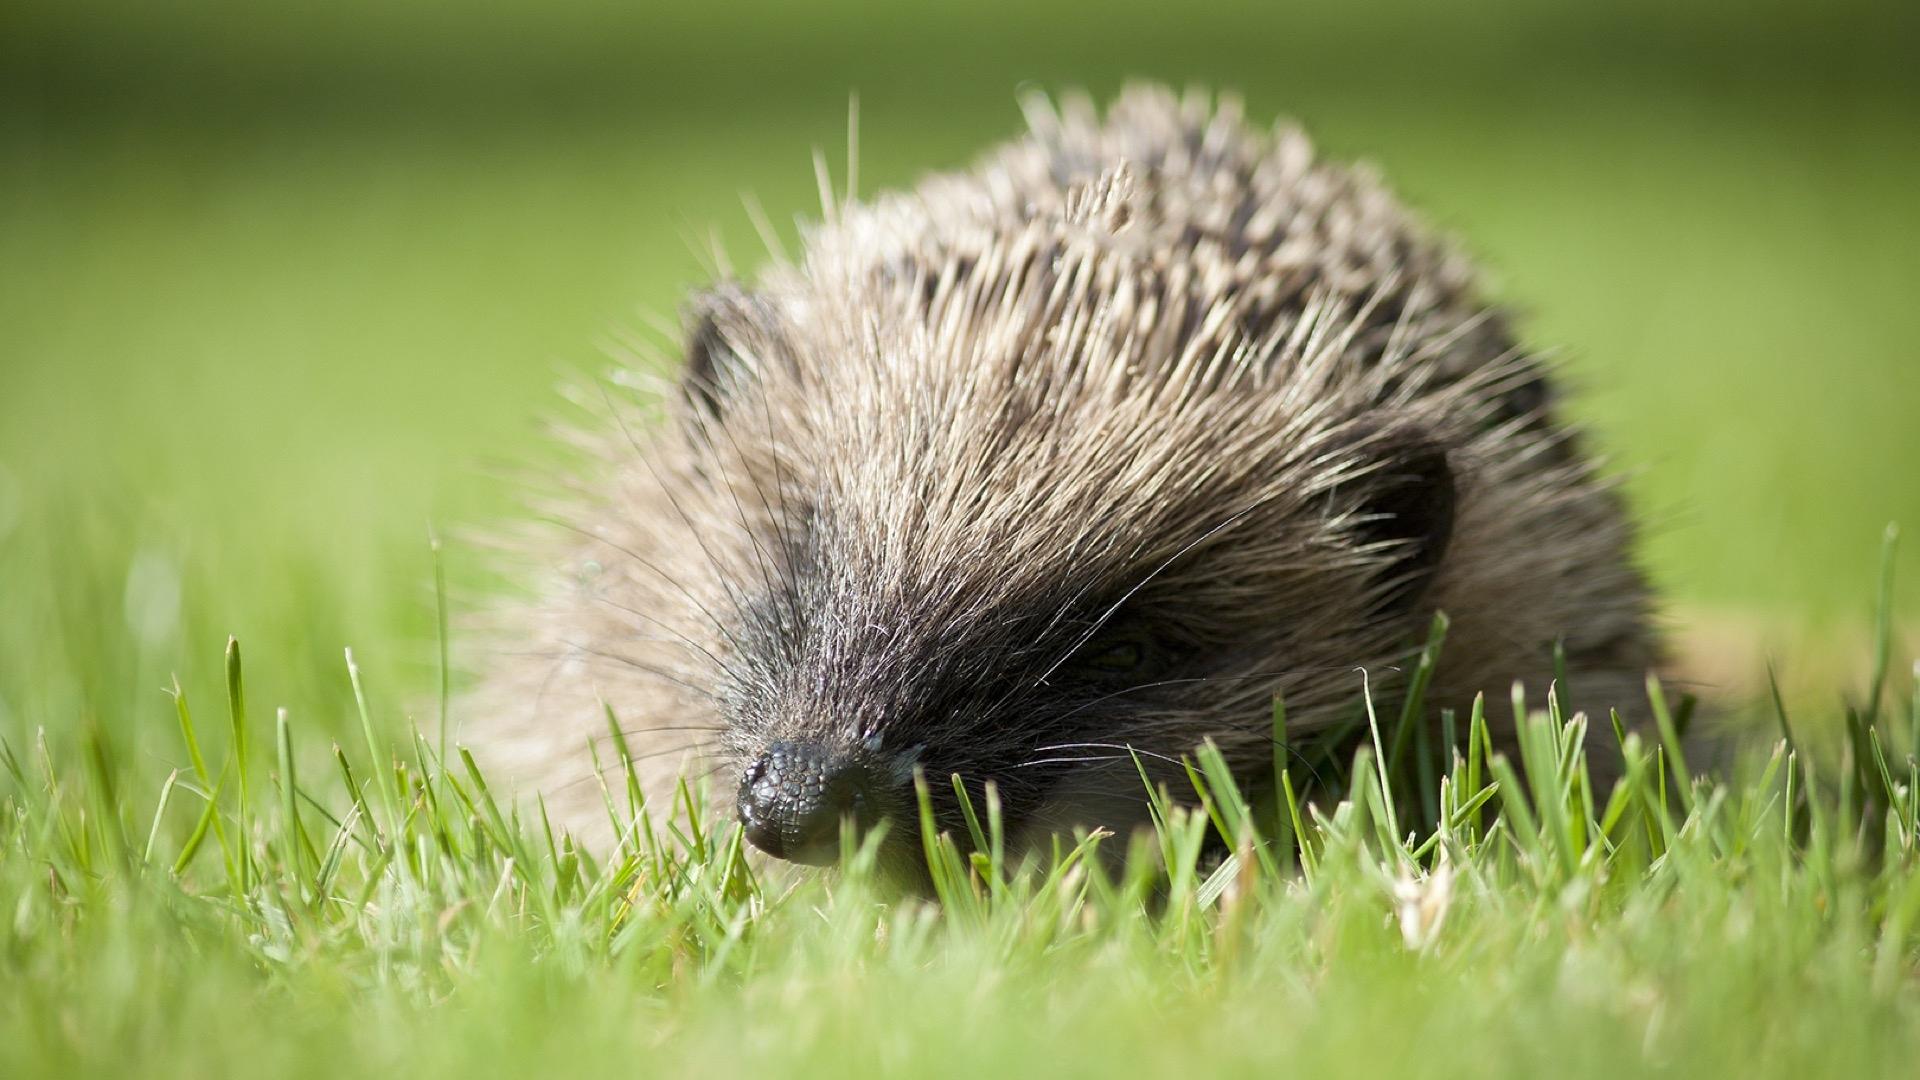 hedgehog number 2